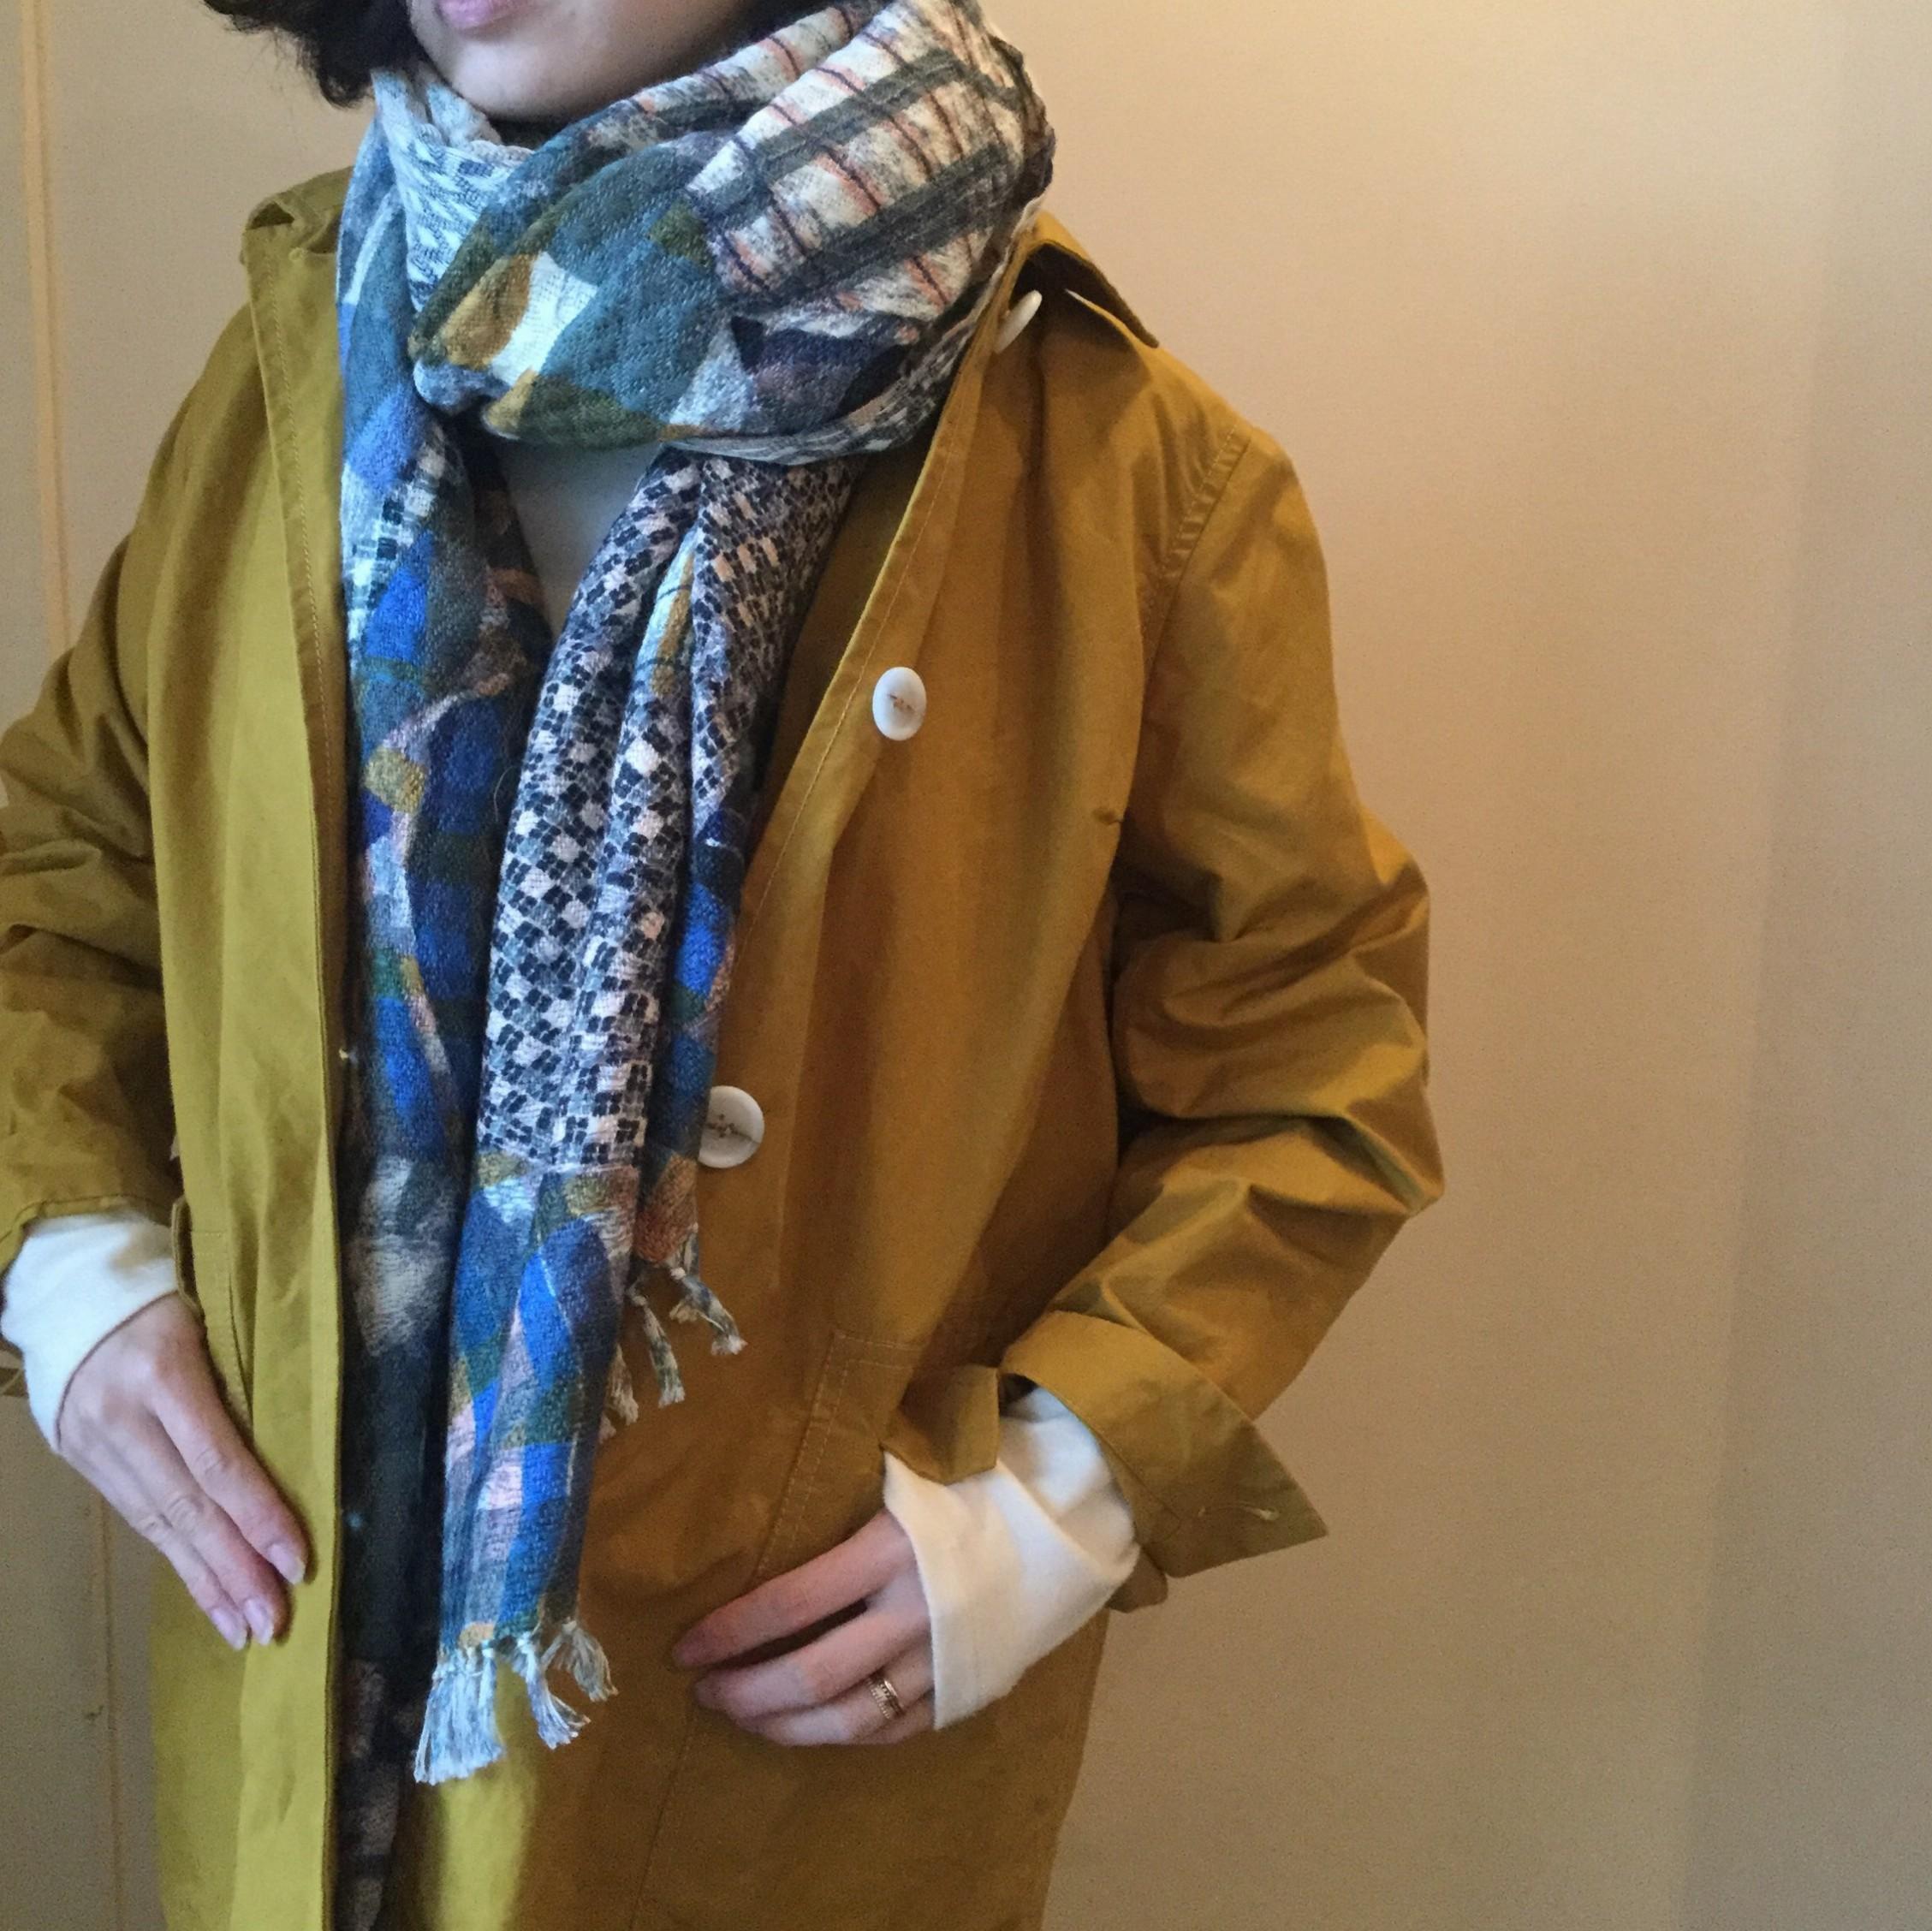 秋冬mii(ミー)の手紡ぎの糸を使用した手織りのシャツ柄のストールです